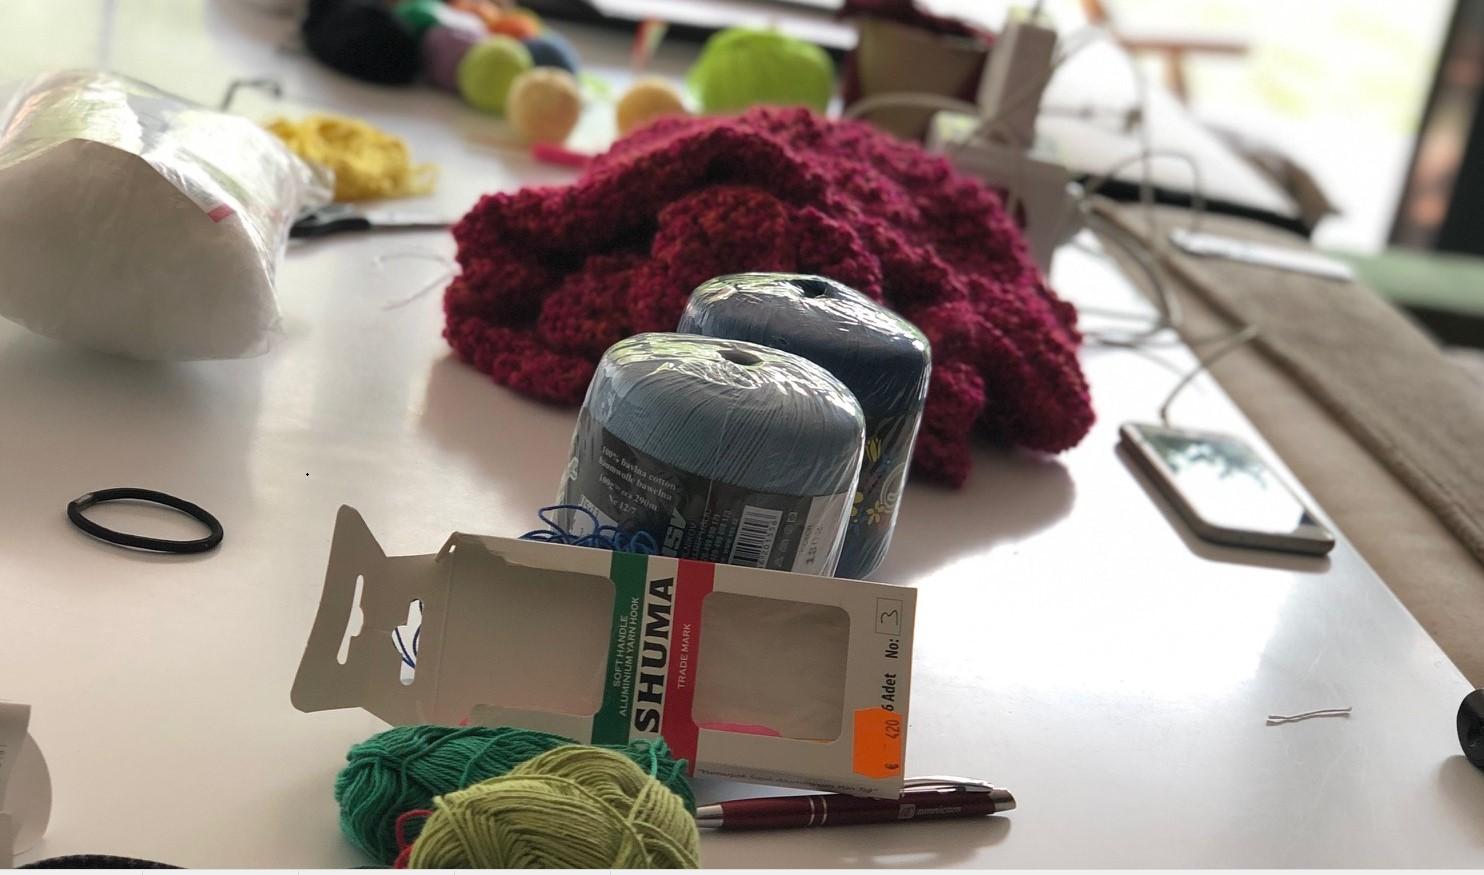 Pletieme čiapky, šály, plédy, kabáty, svetre